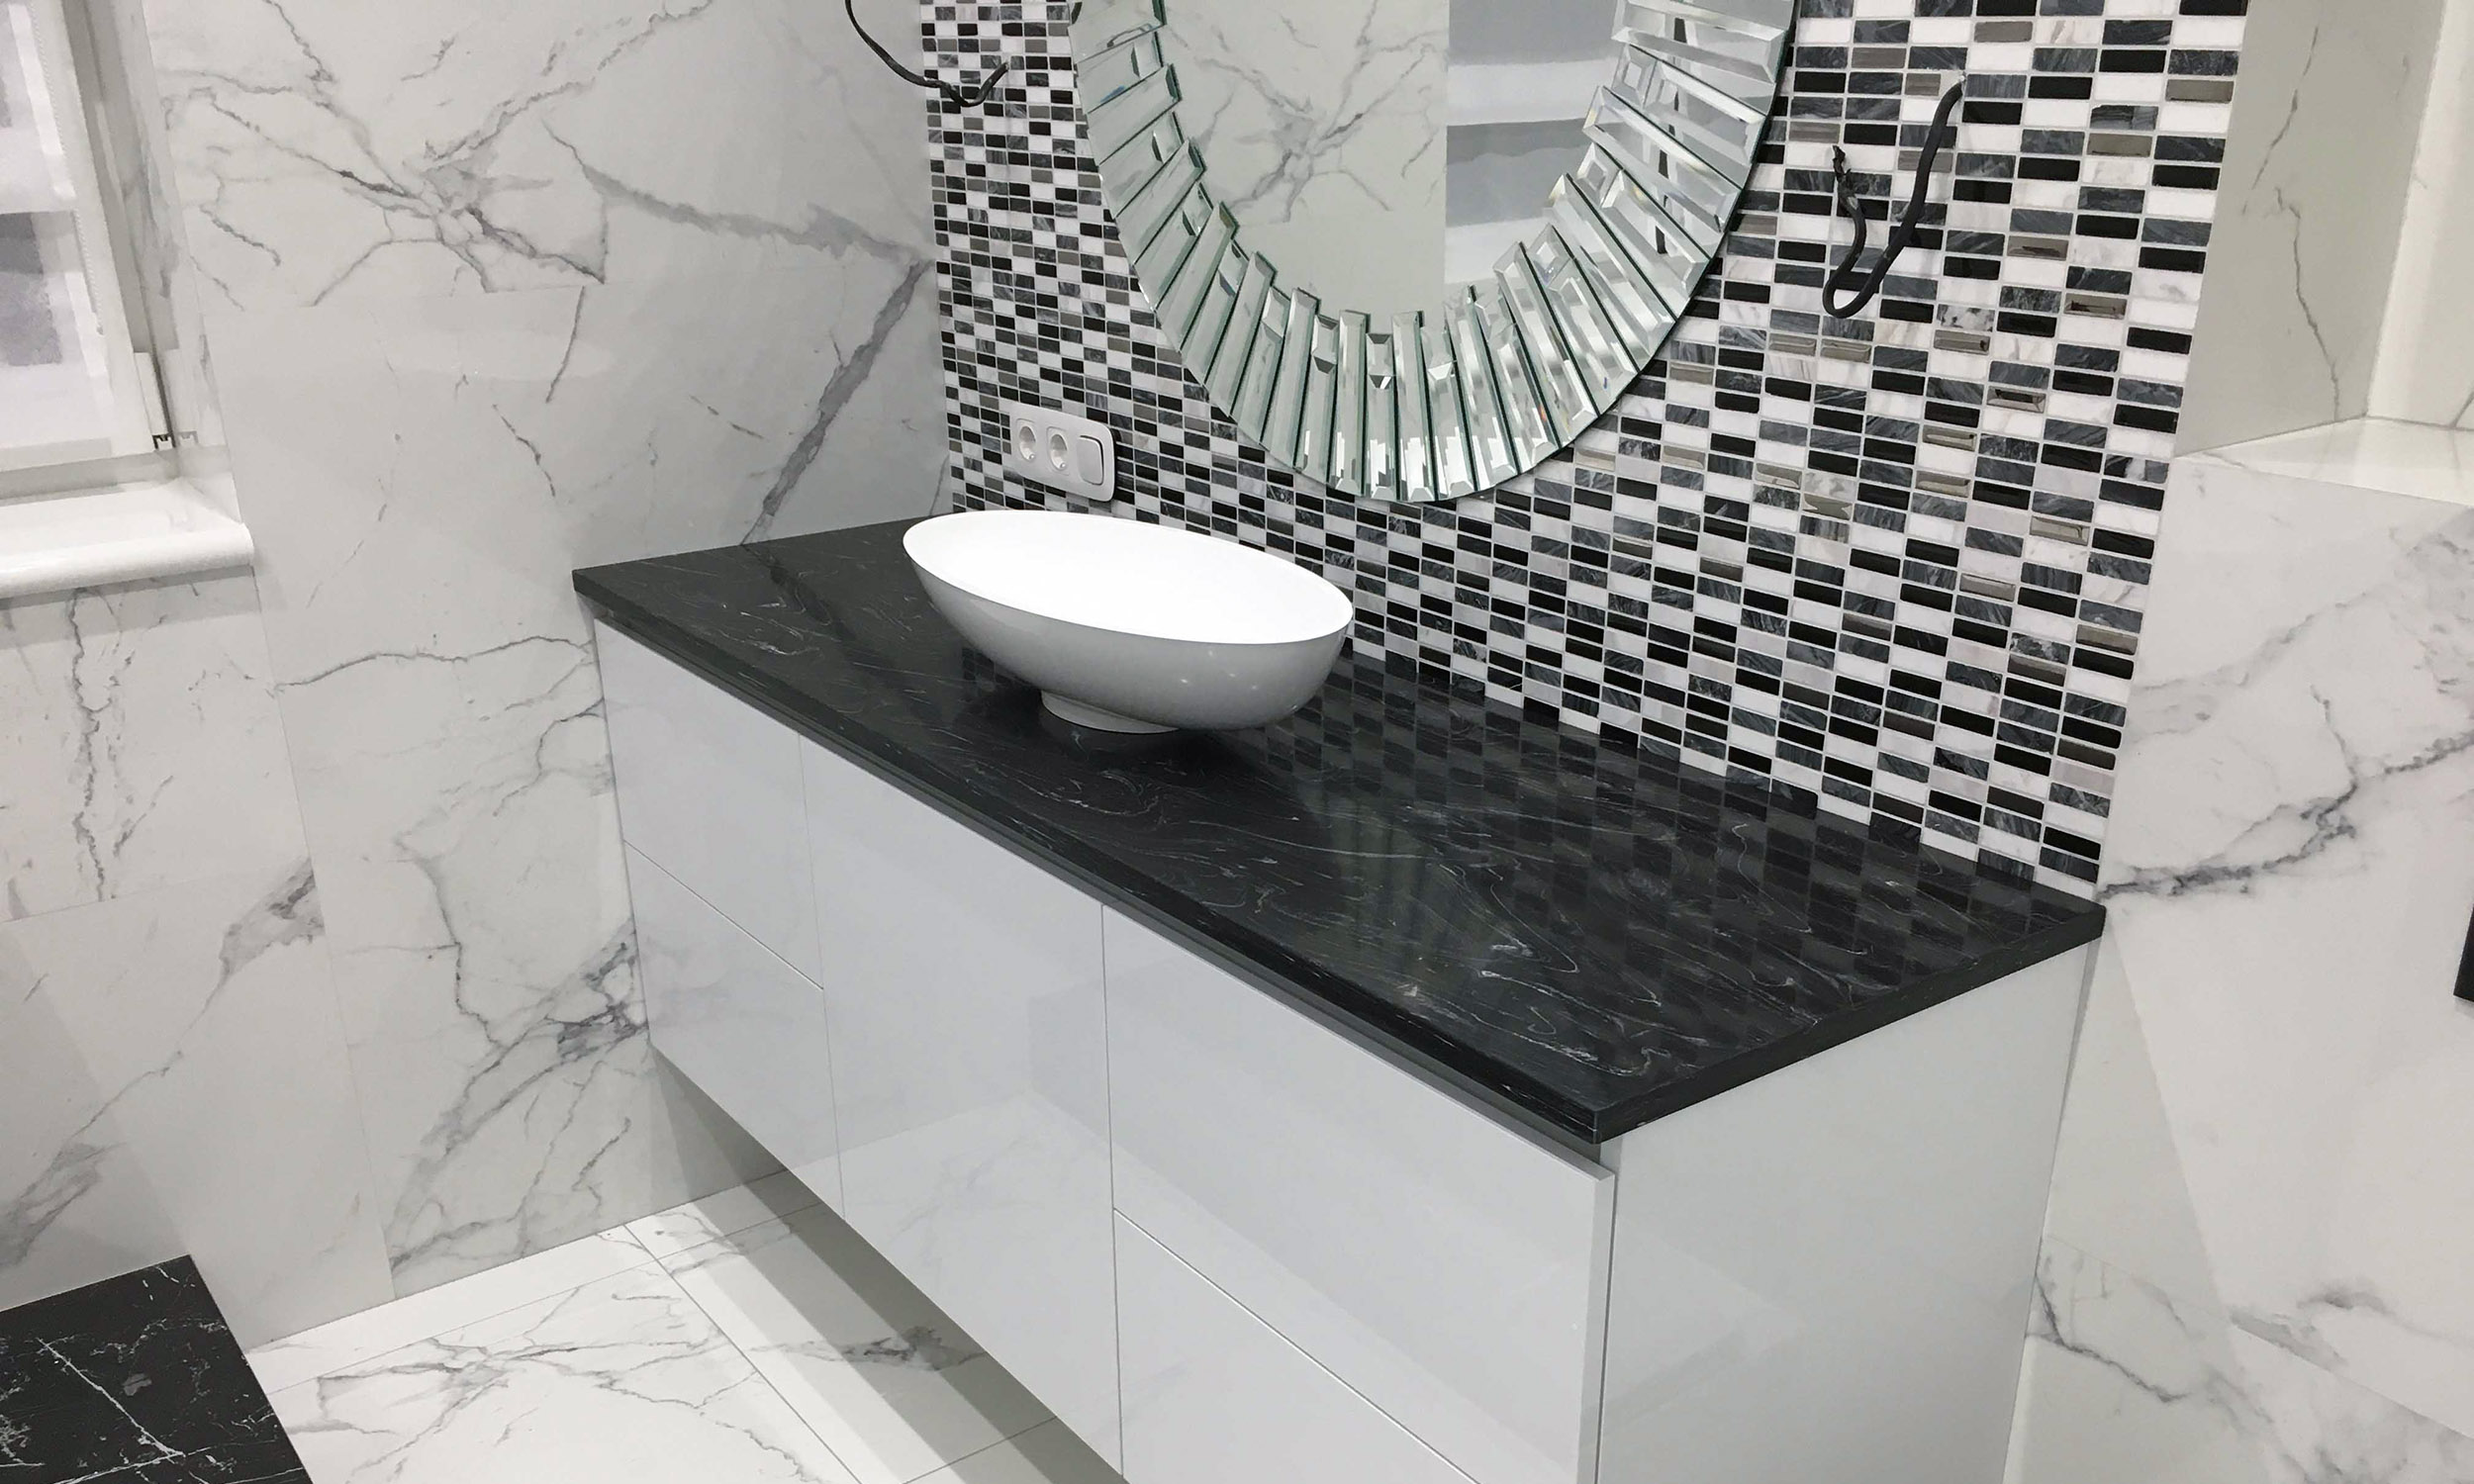 https://mascompany.com.ua/wp-content/uploads/2021/04/chernaya-stoleshnitsa-s-mramornymi-razvodami-iz-akrilovogo-kamnya-grandex-m-719-modern-acrylic-stone-main.jpg